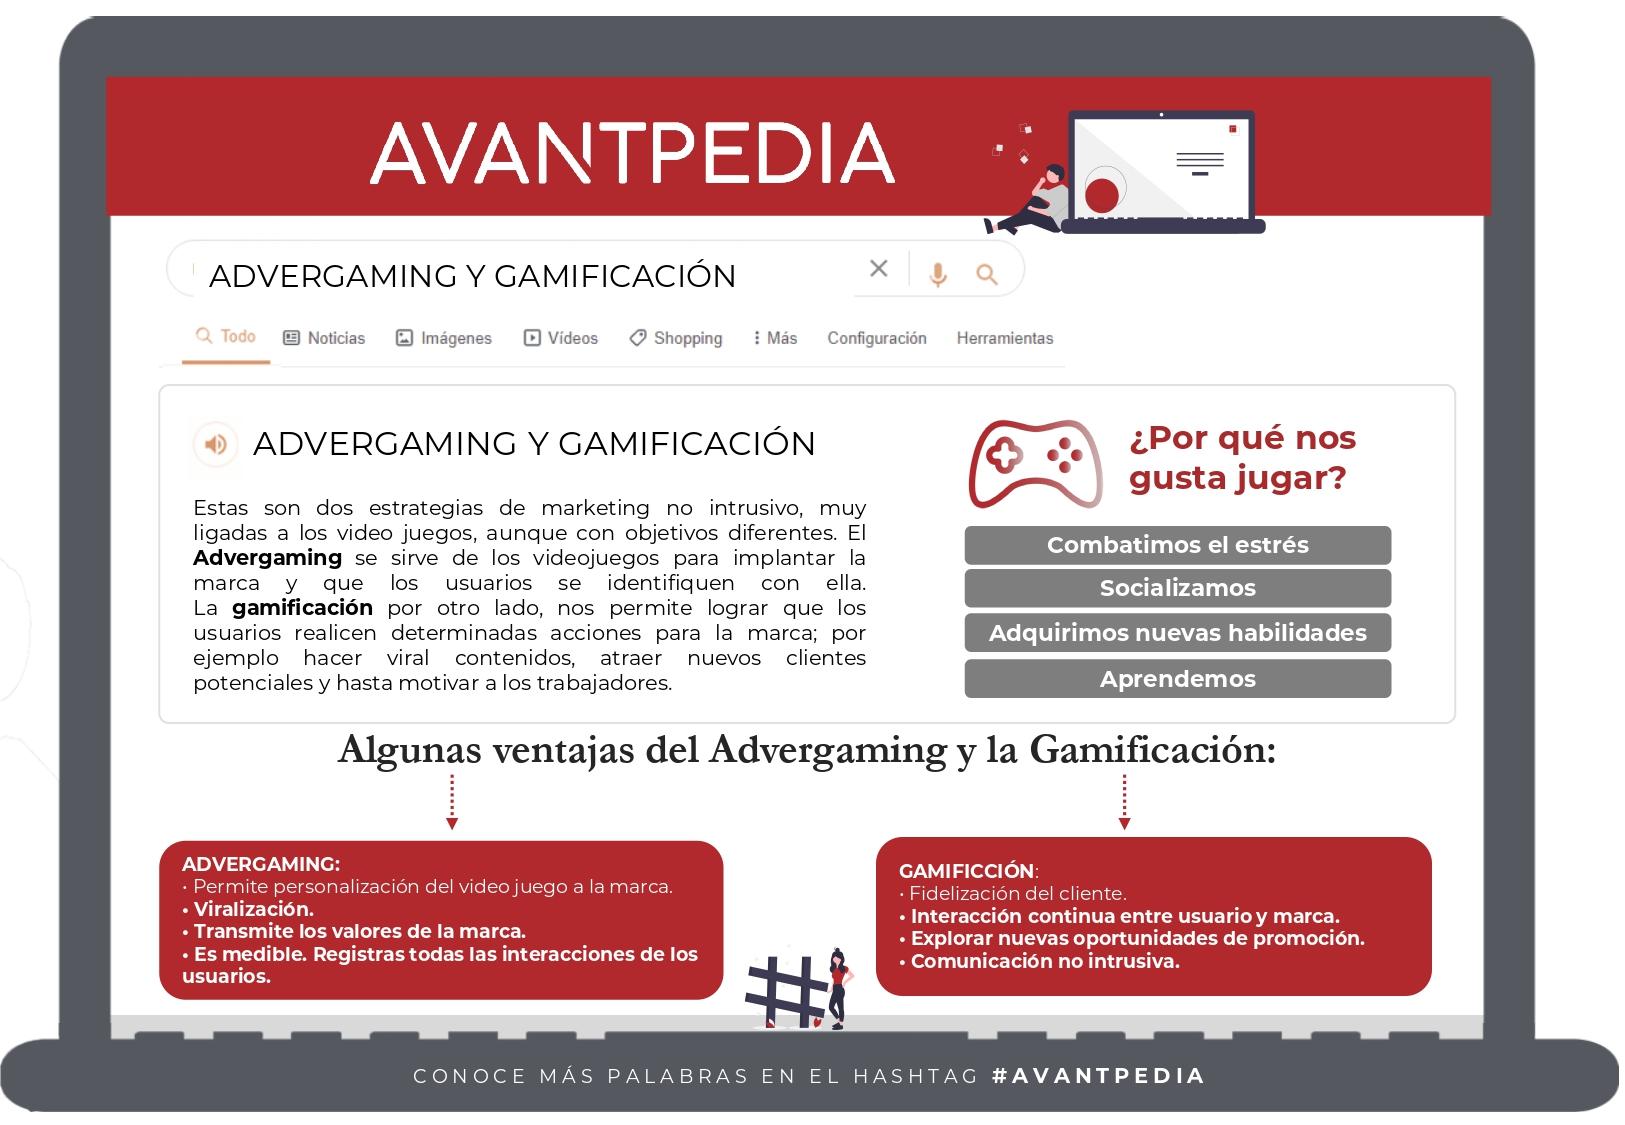 advergaming-y-gamificacion-avantpedia